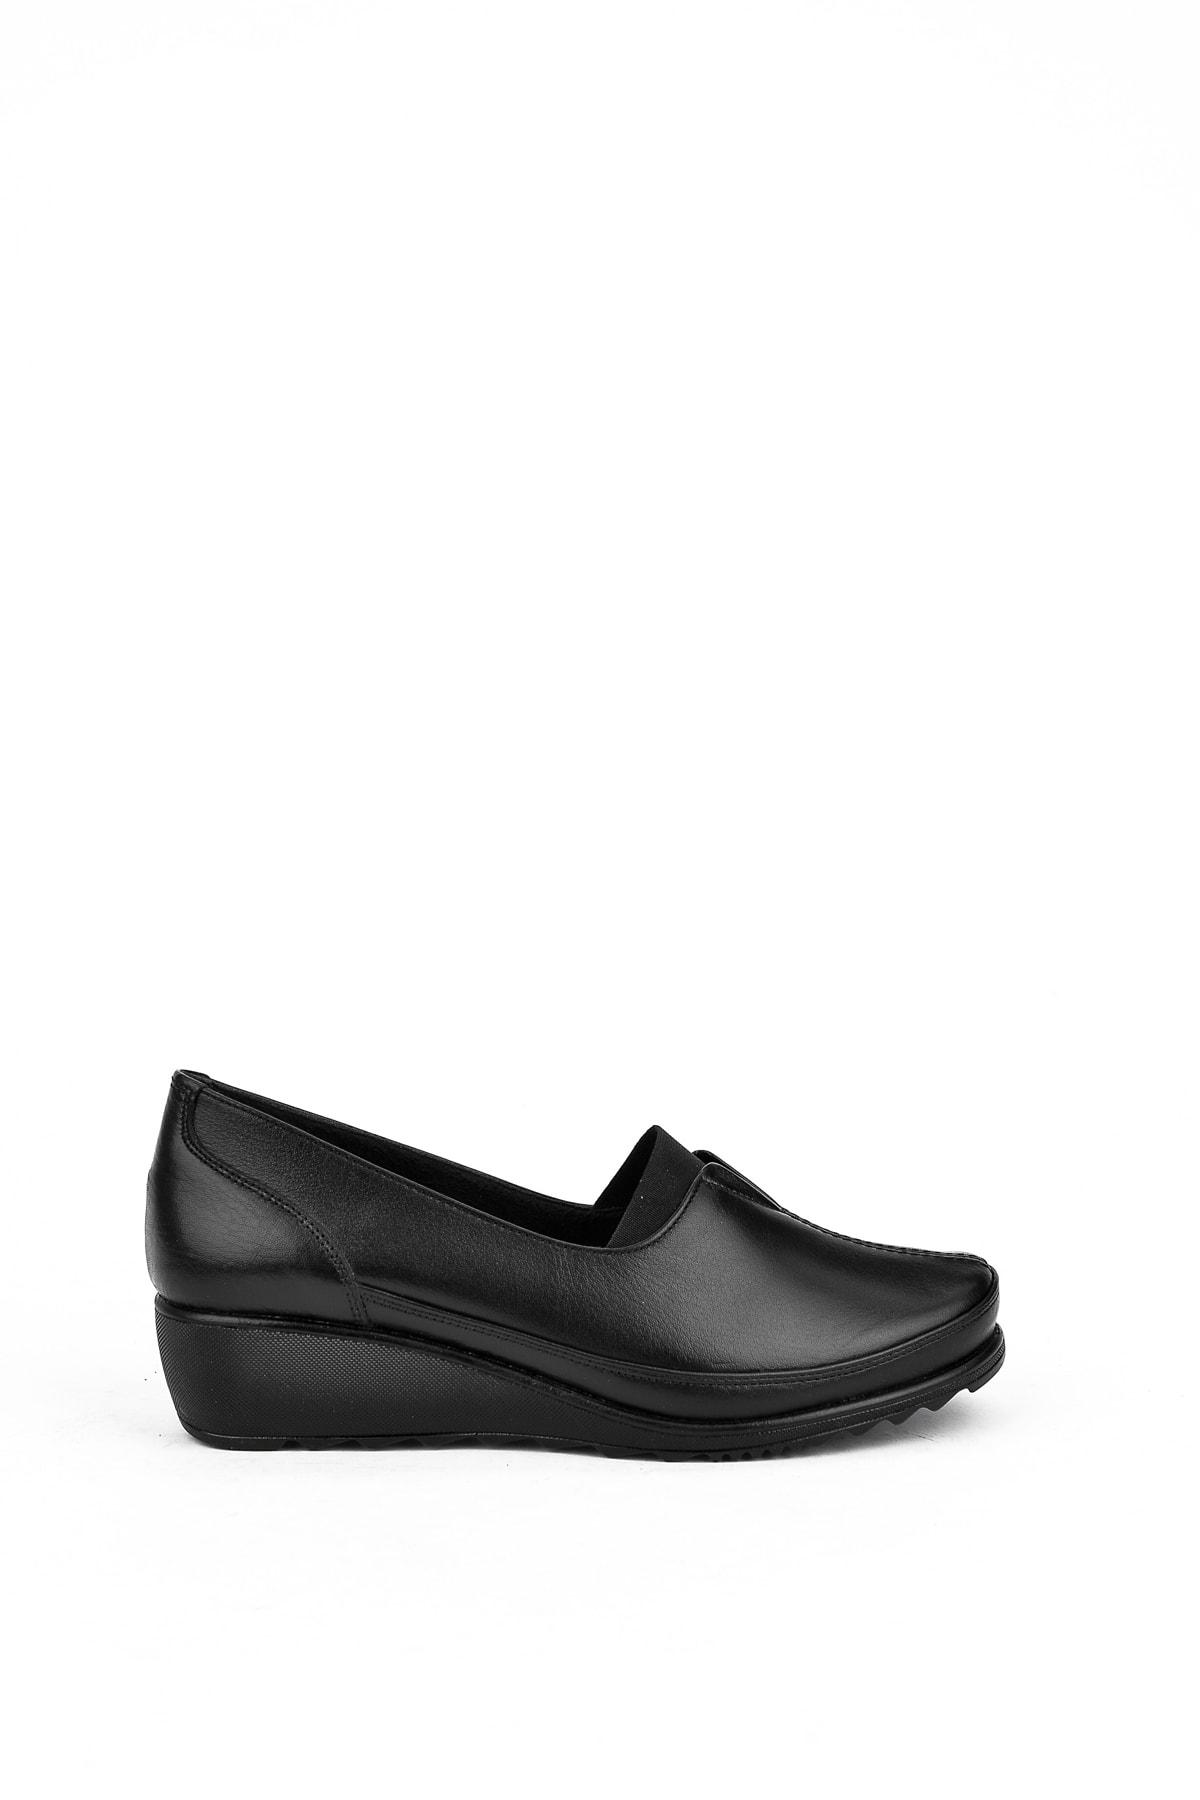 Ziya SIYAH Kadın Casual Ayakkabı 10355 2352